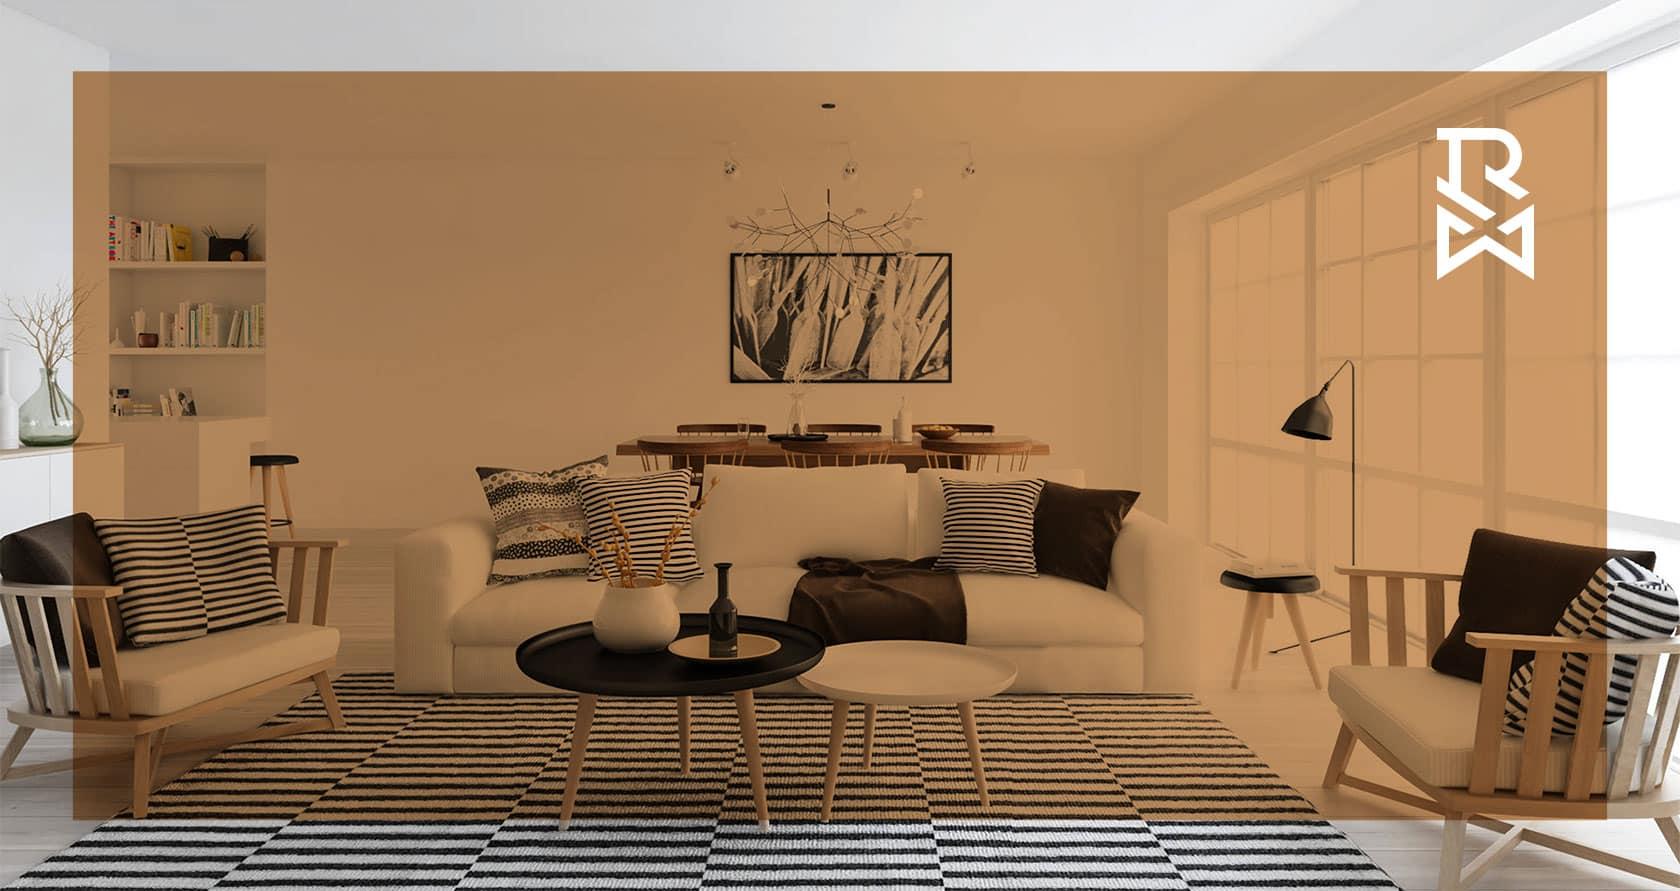 EAZEE Werbeagentur Muenchen Raumwerk Premium Immobilien Einrichtung